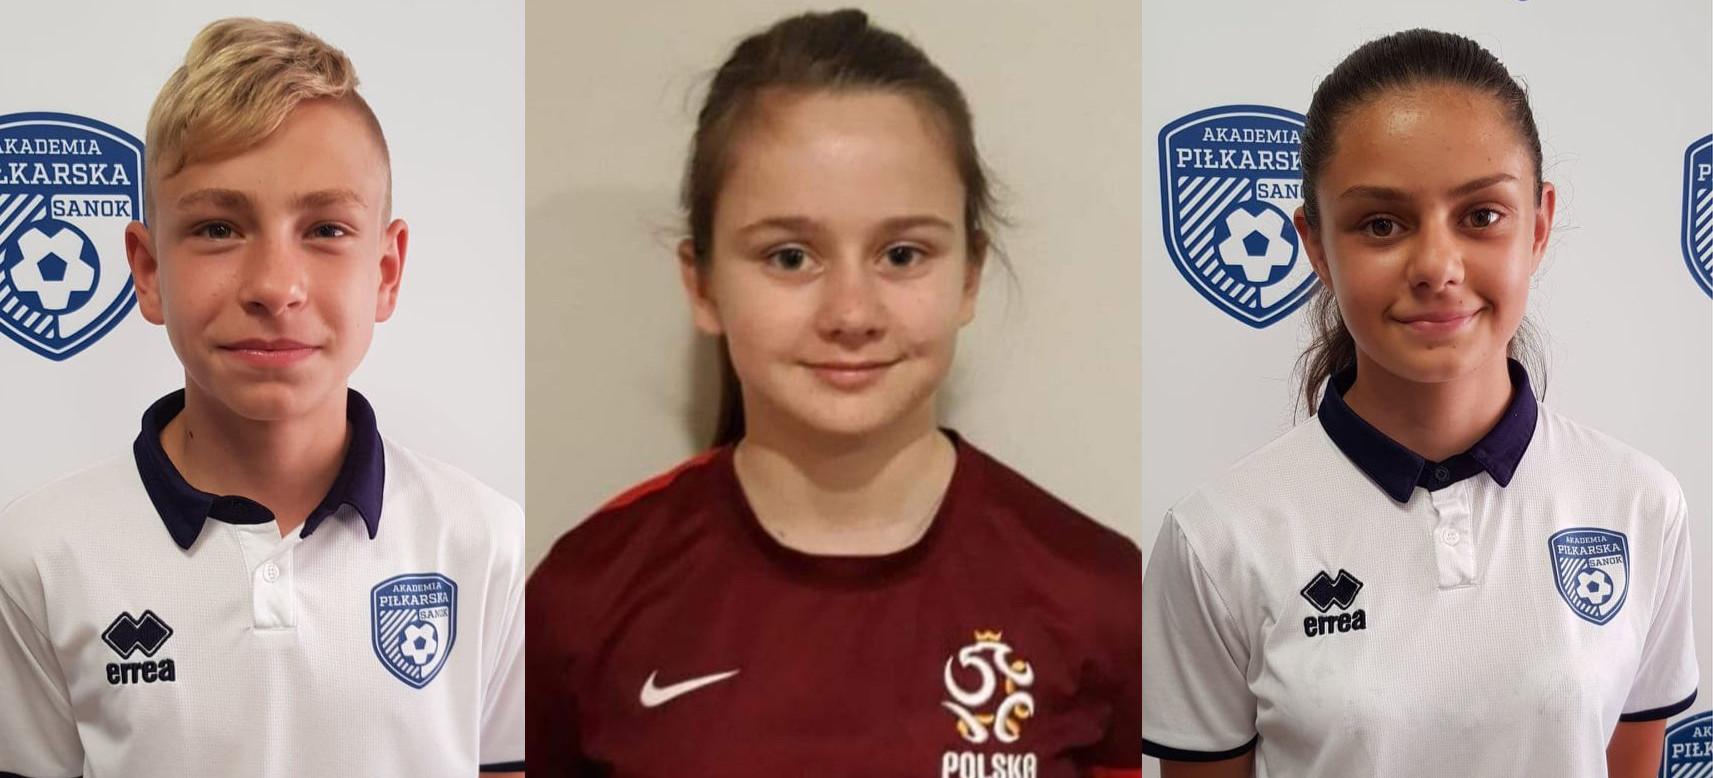 Akademia Piłkarska WIKI Sanok wyszkoliła już troje reprezentantów Polski!